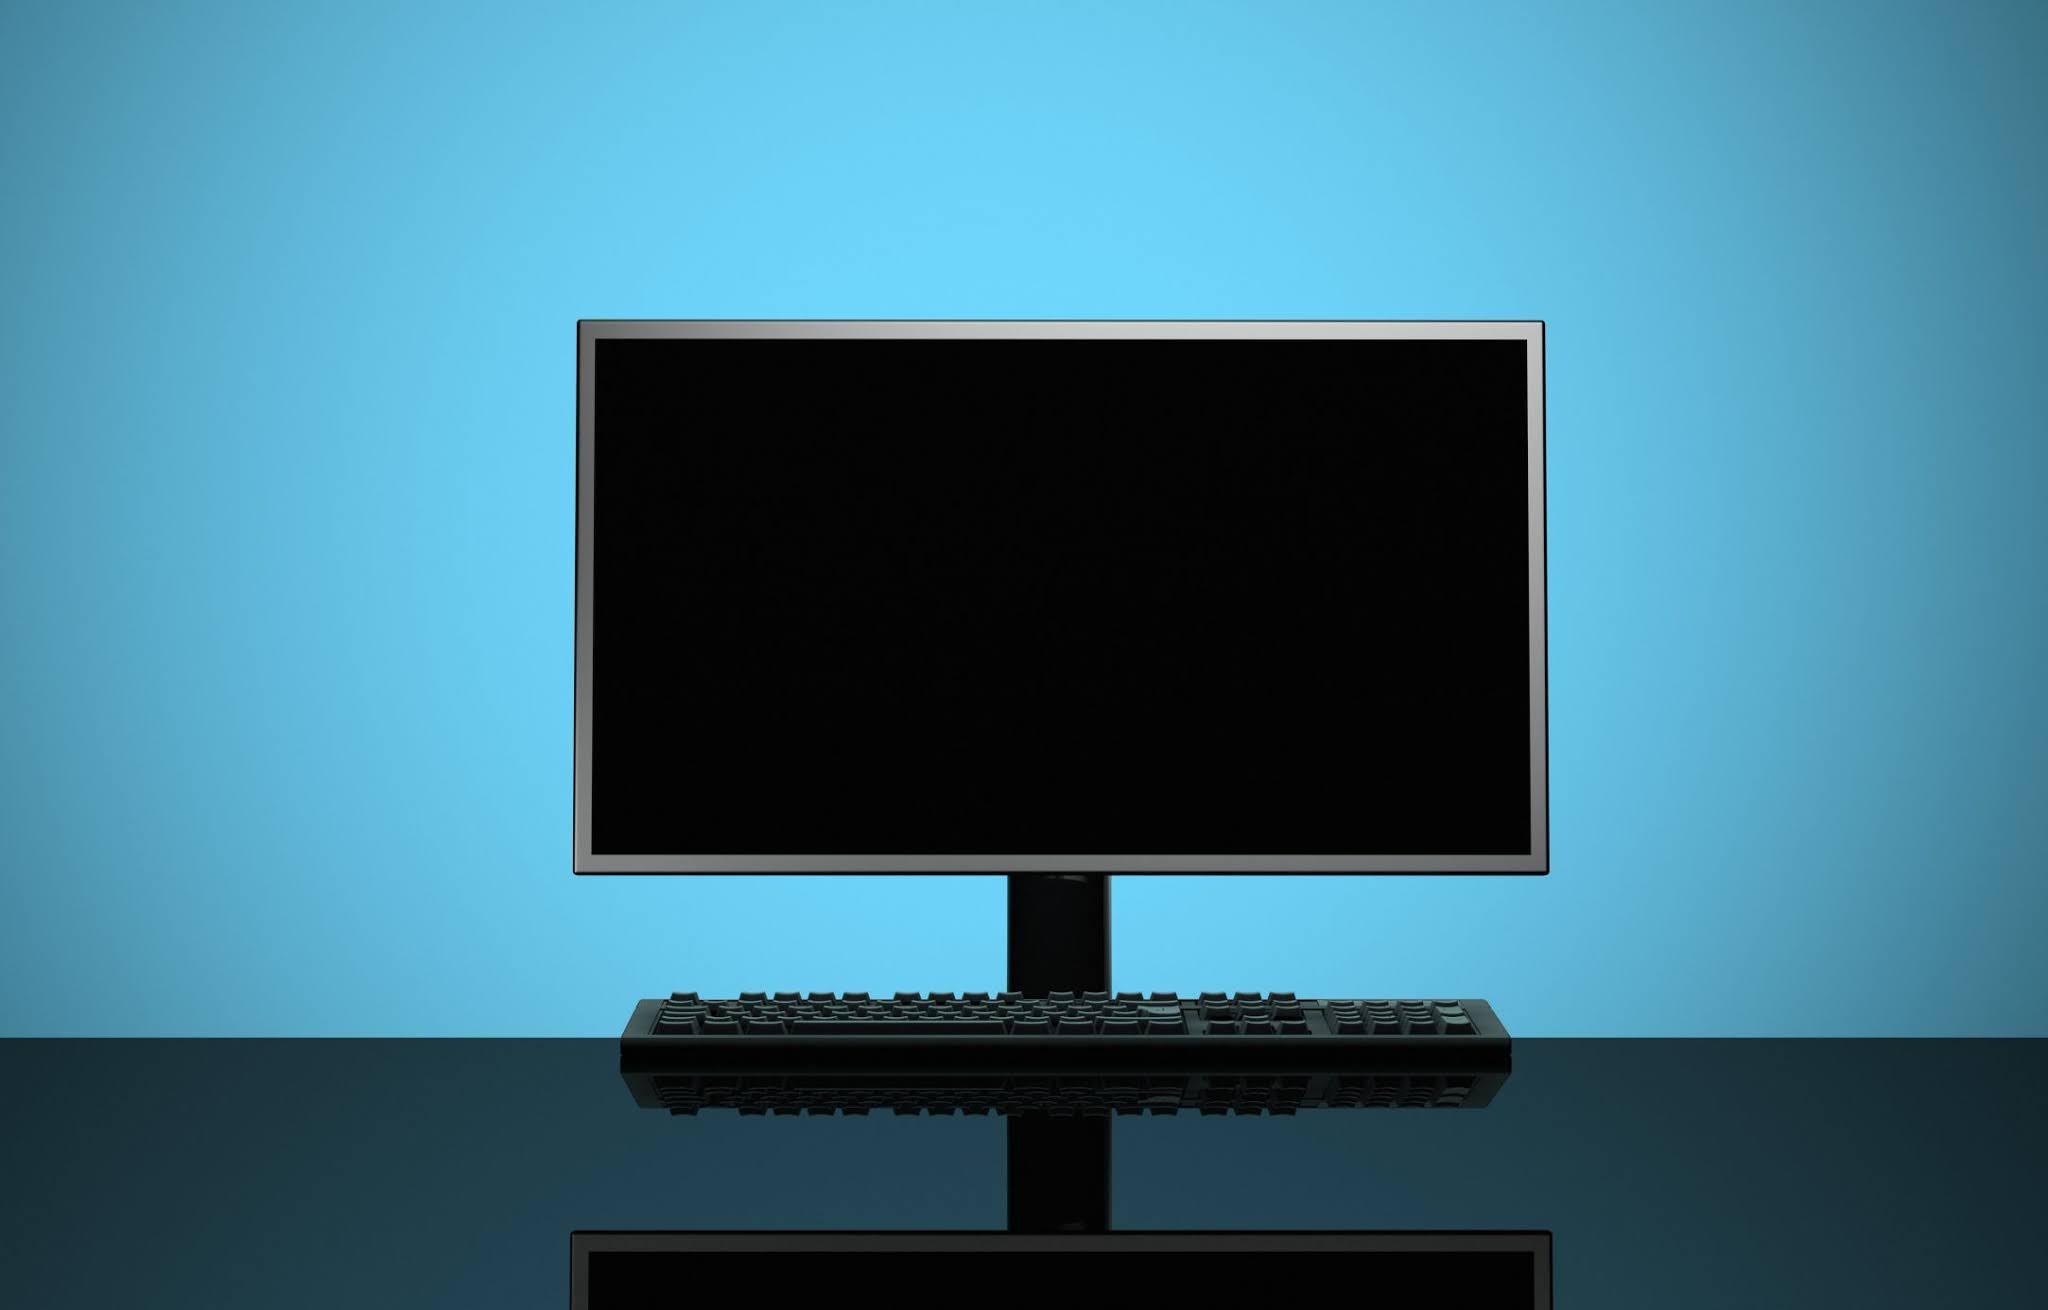 Ekrana Görüntü Gelmemesi ve Çözümü